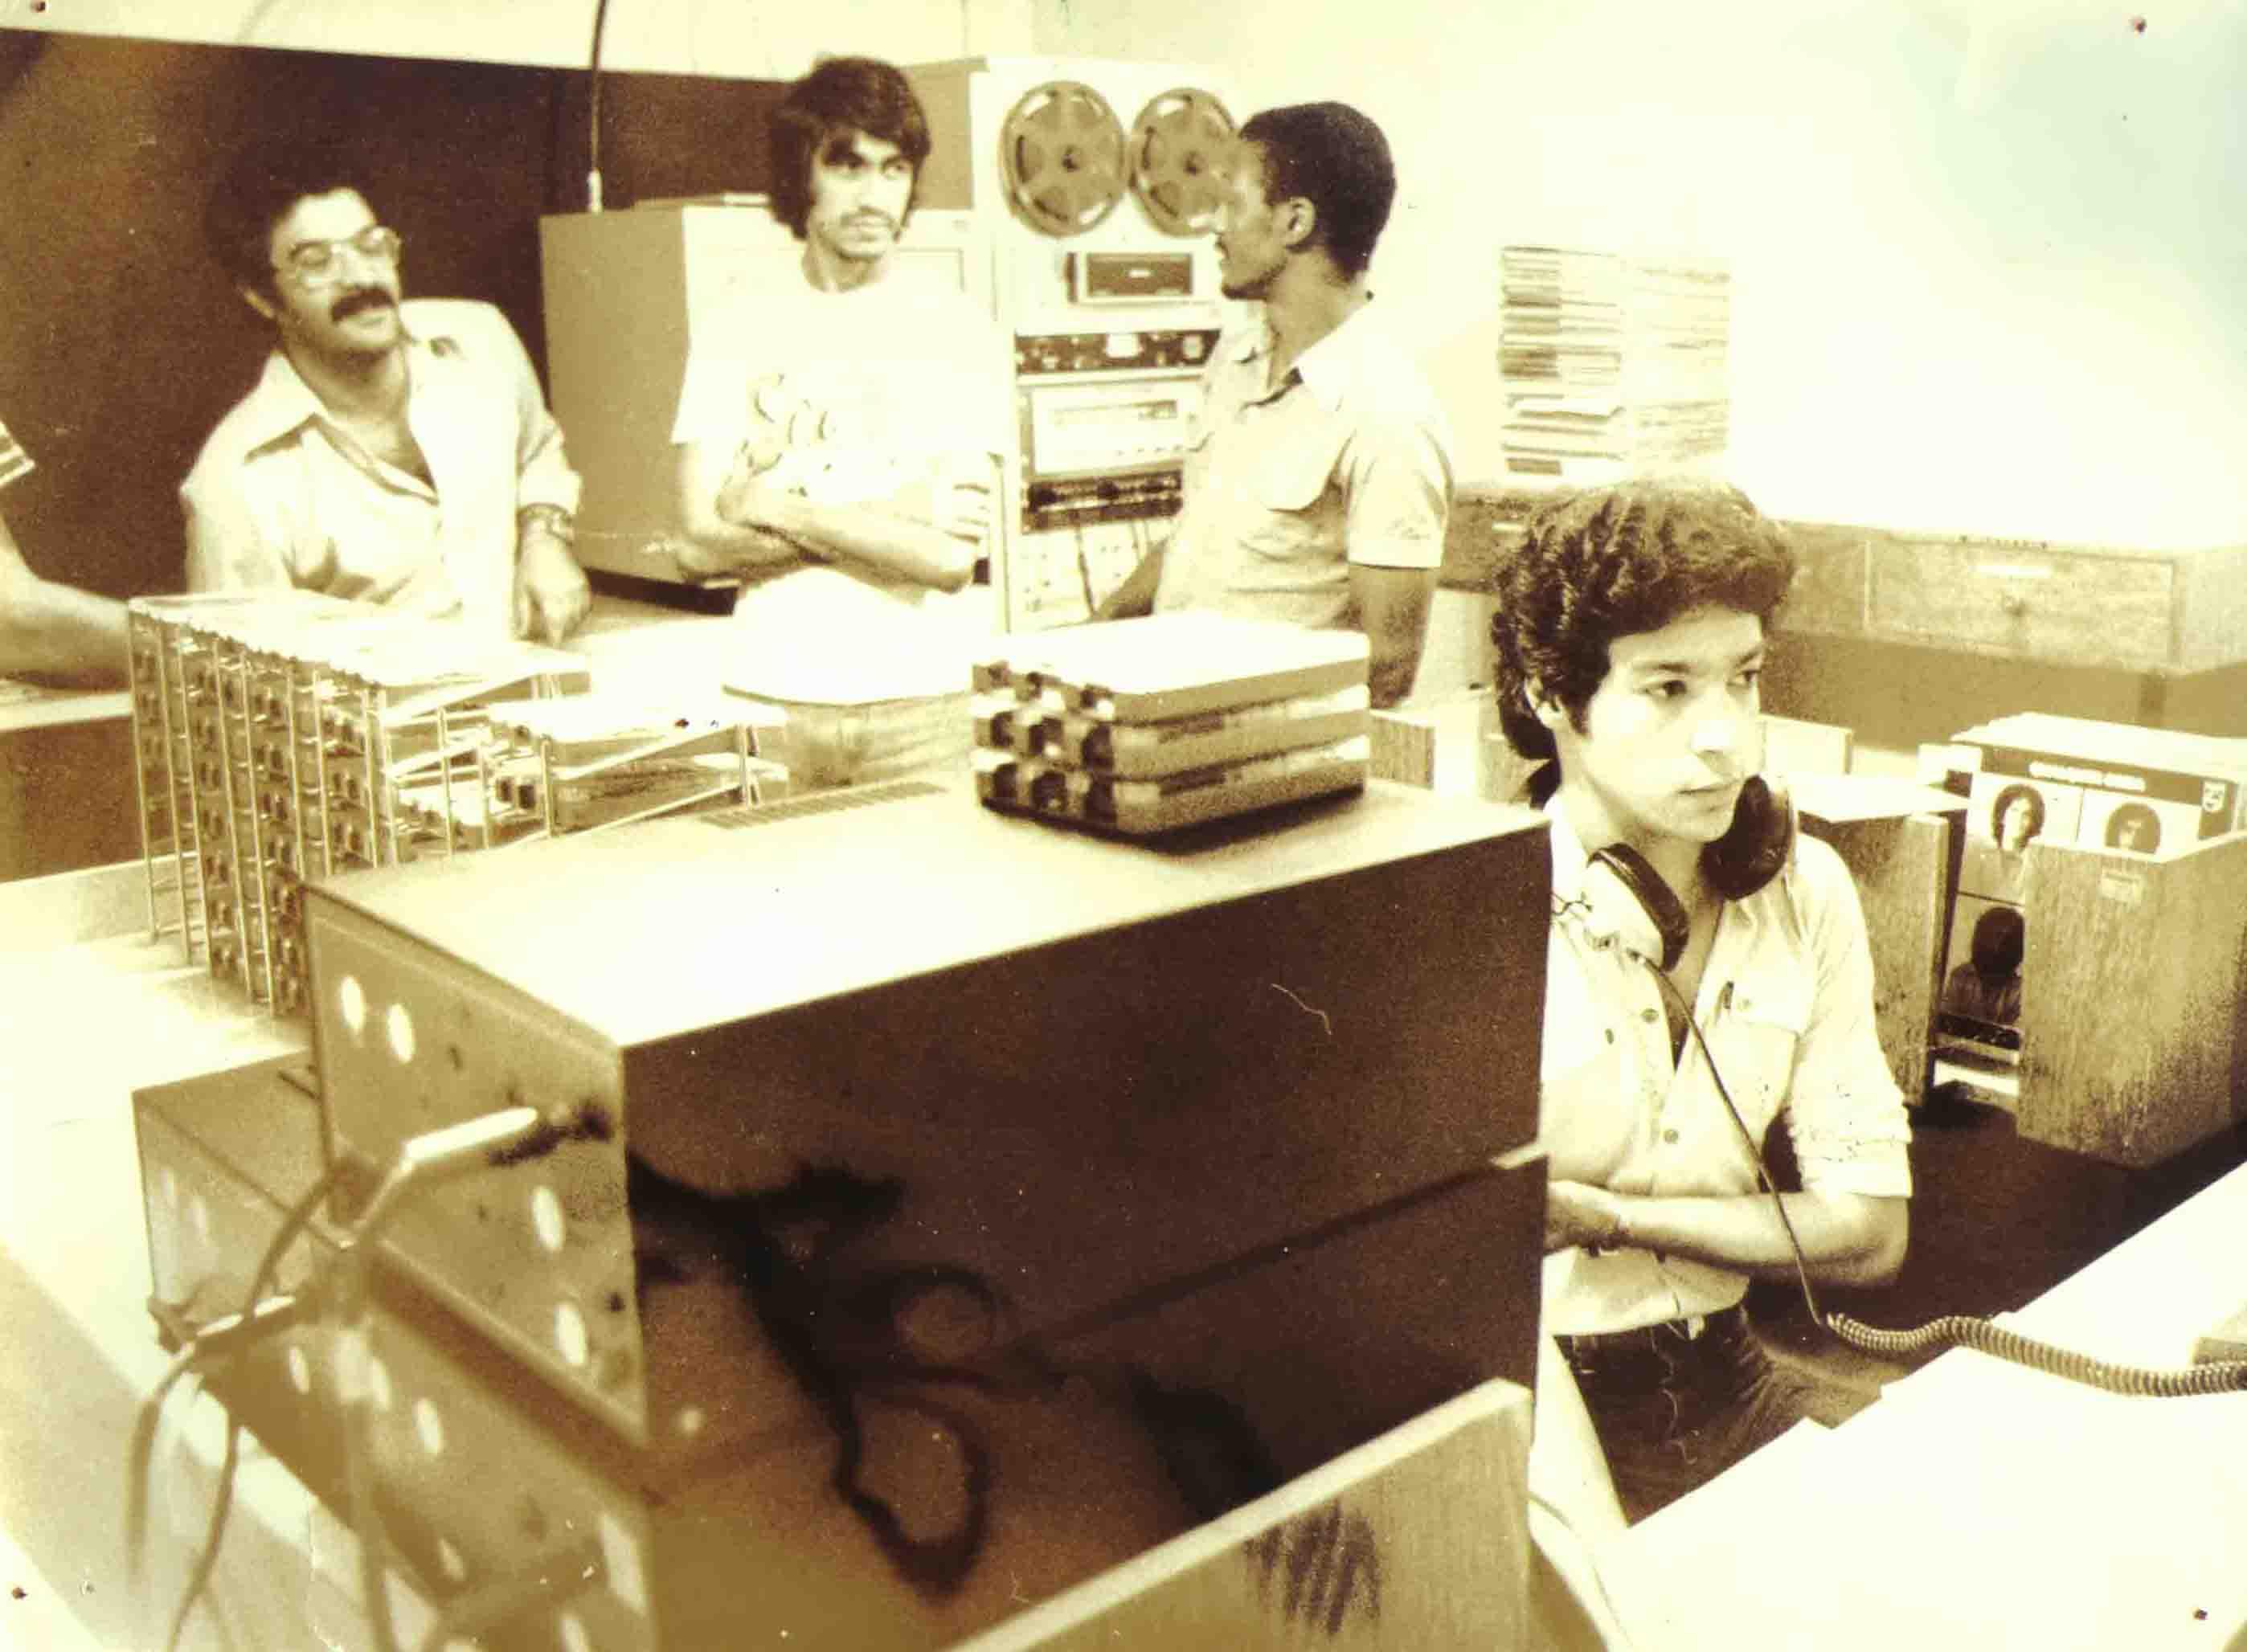 Guarnã Coutinho, ?, Helinho, Coelho e Zé Roberto - A Turma da 99, Rádio Tribuna FM - 1981